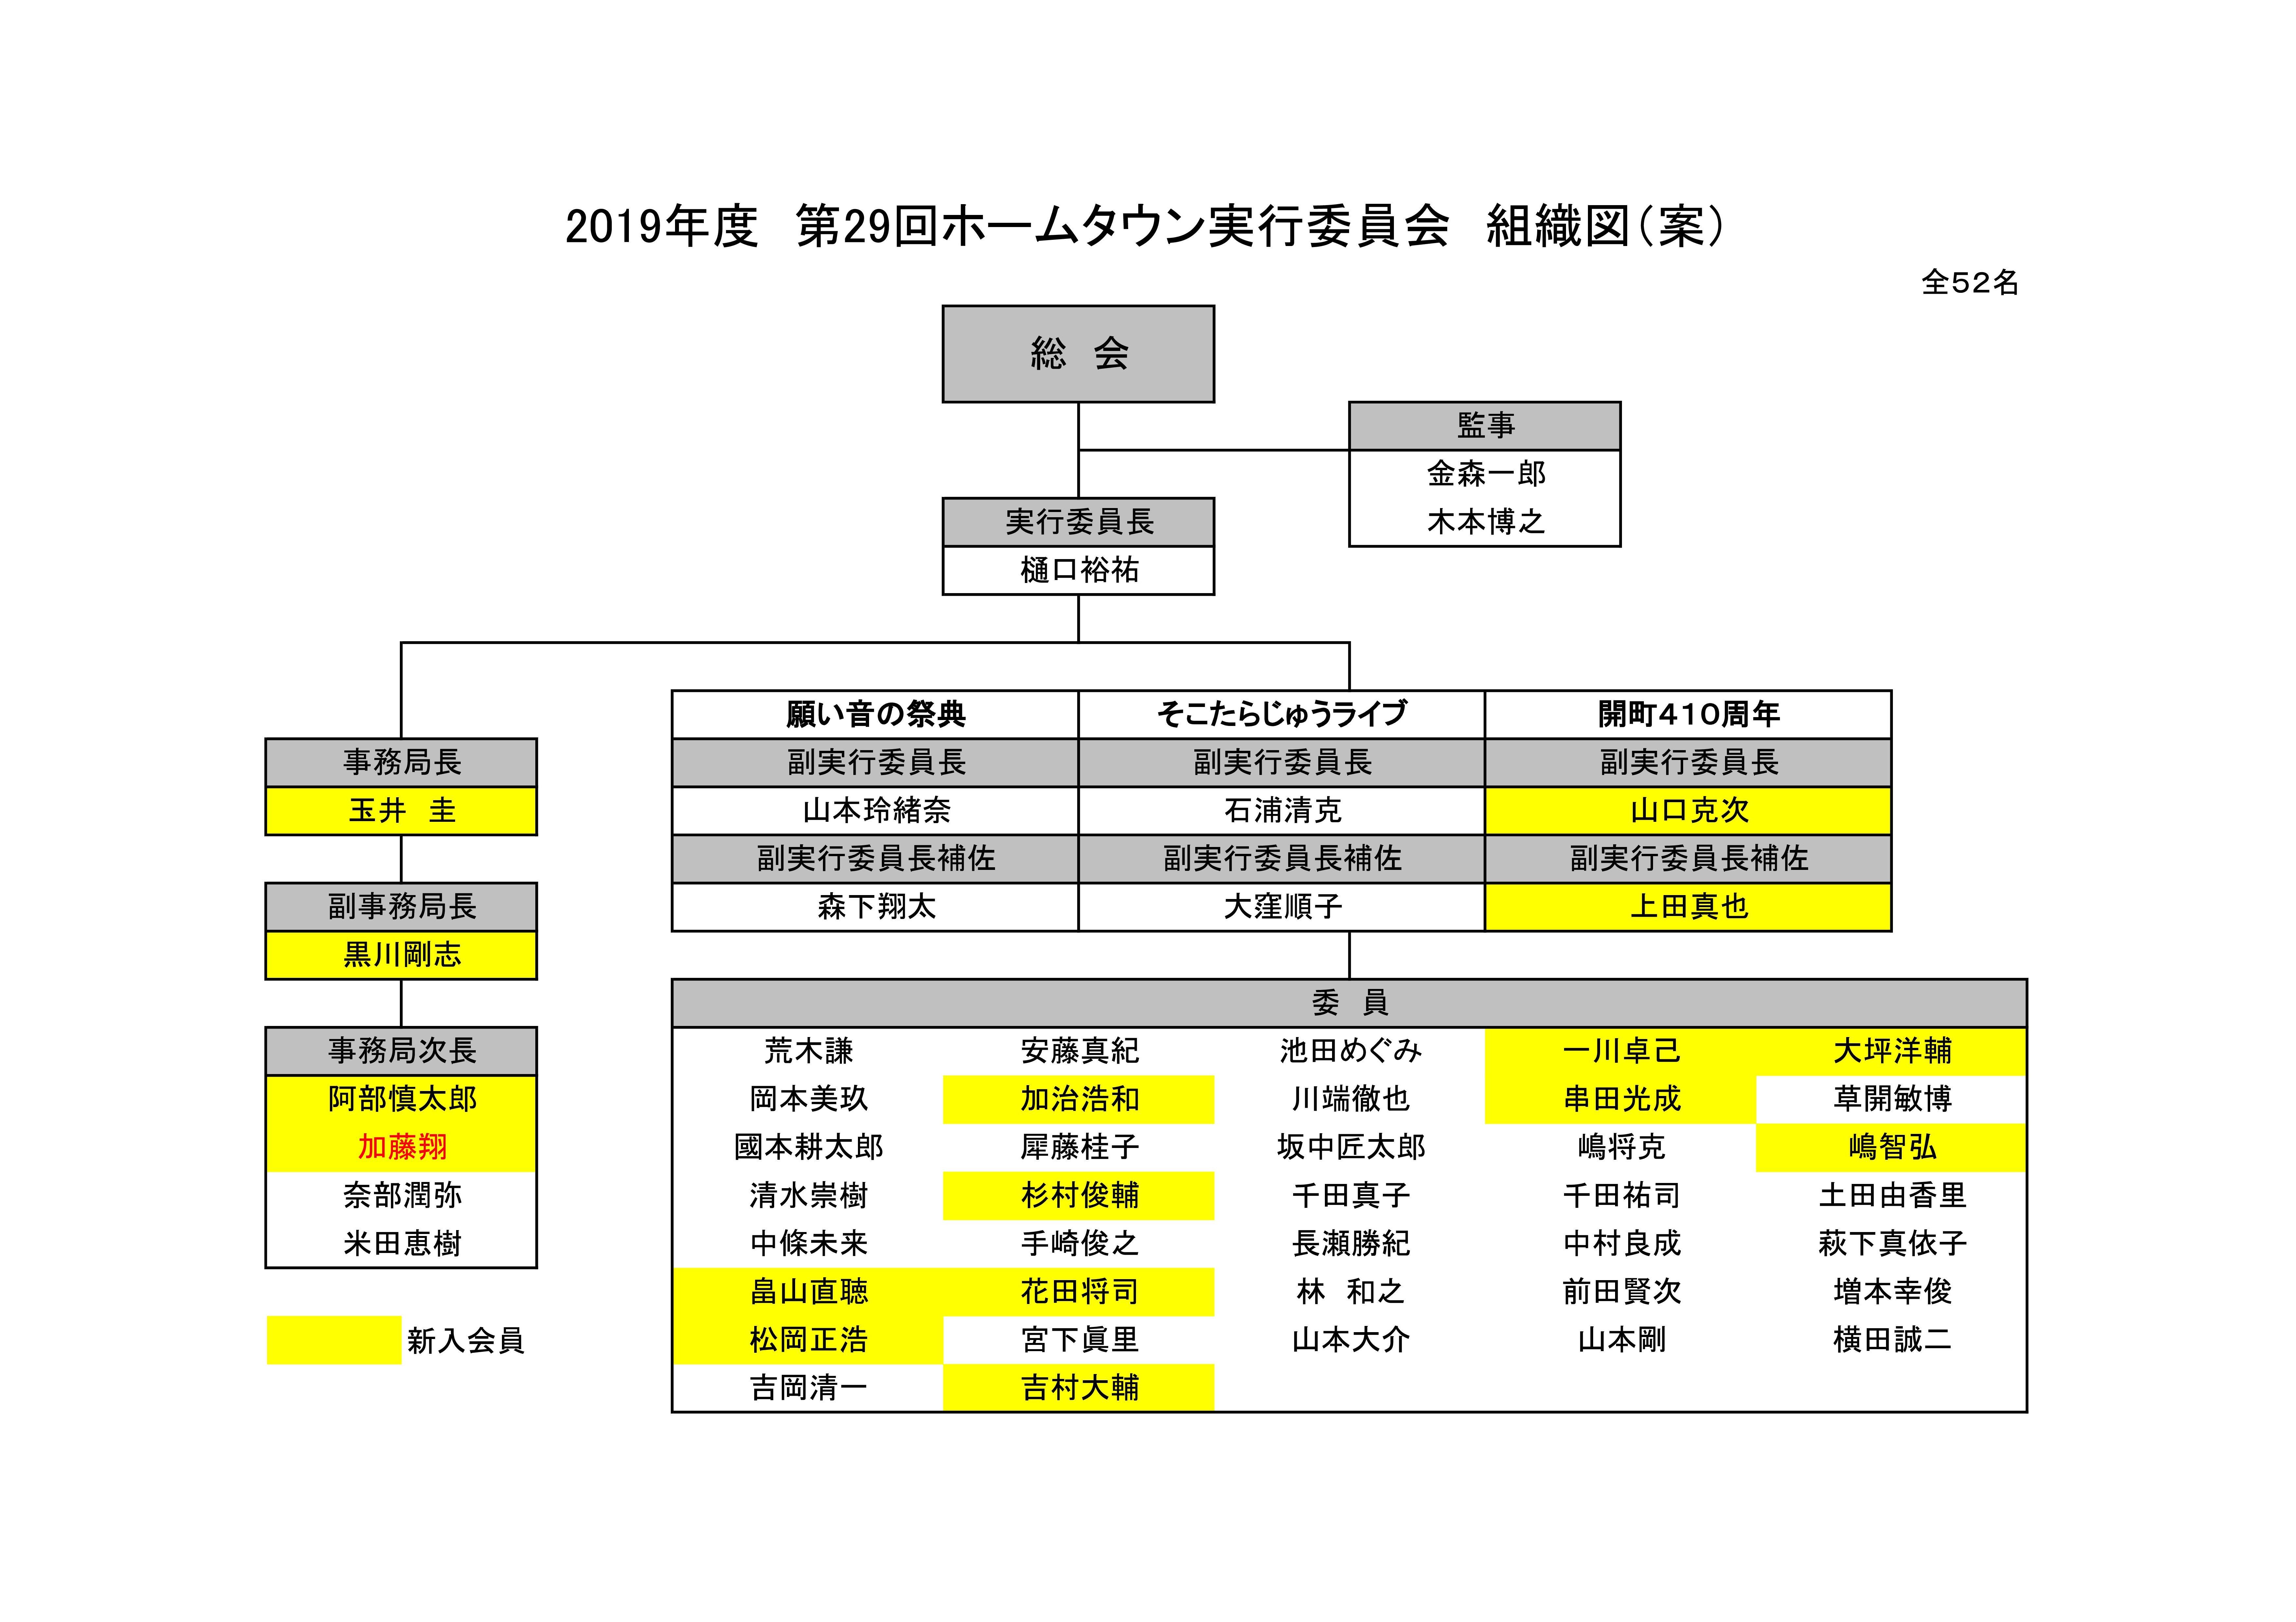 第29回ホームタウン実行委員会組織図